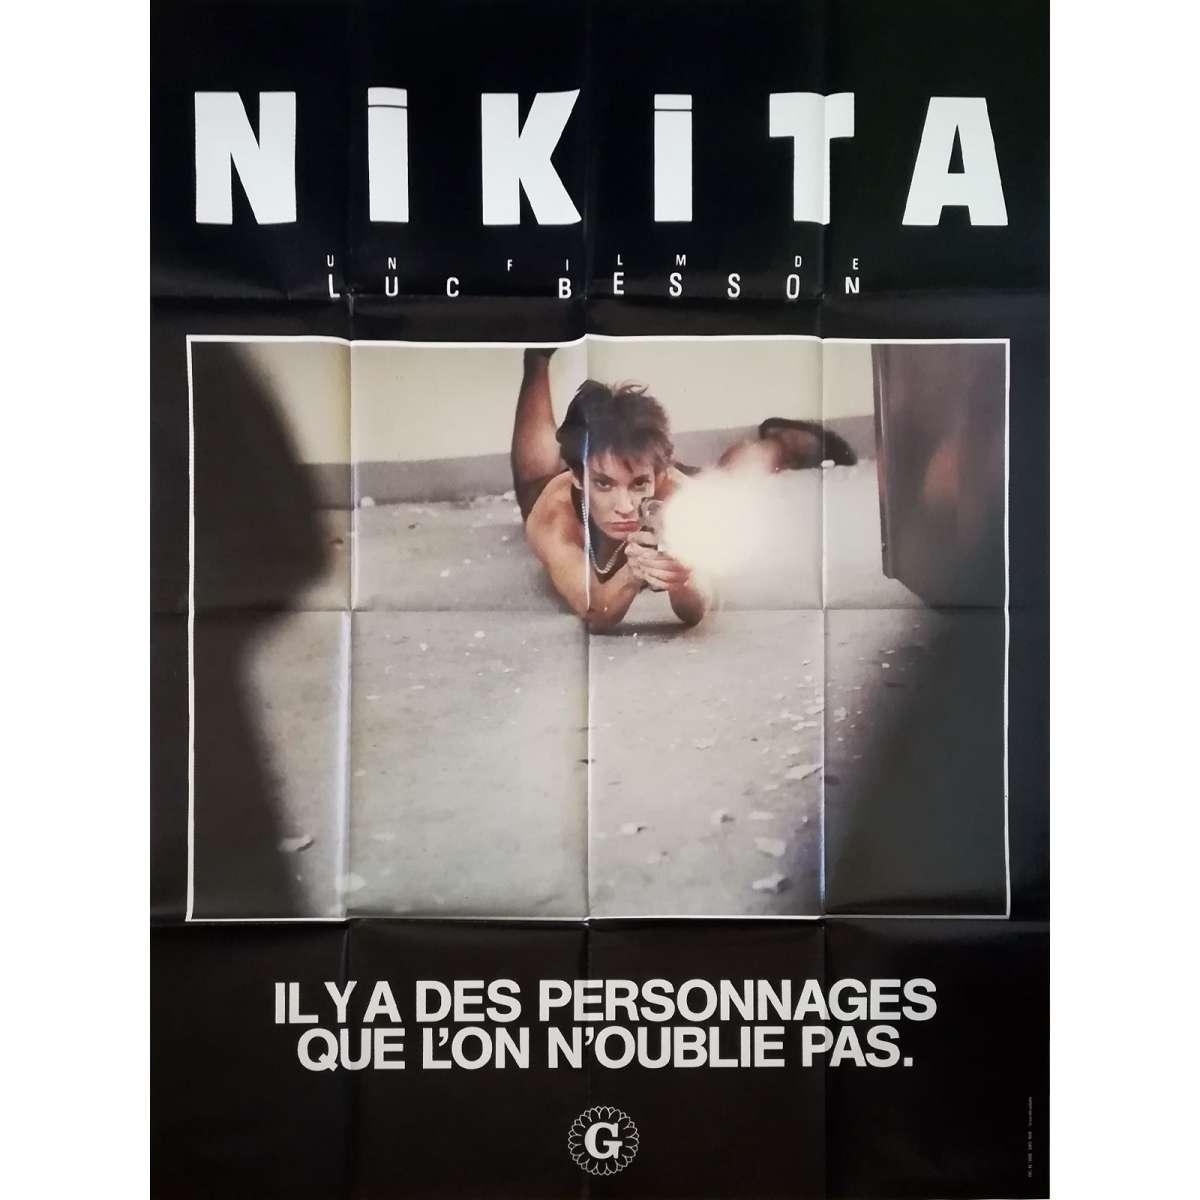 LA FEMME NIKITA Movie Poster 47x63 in.